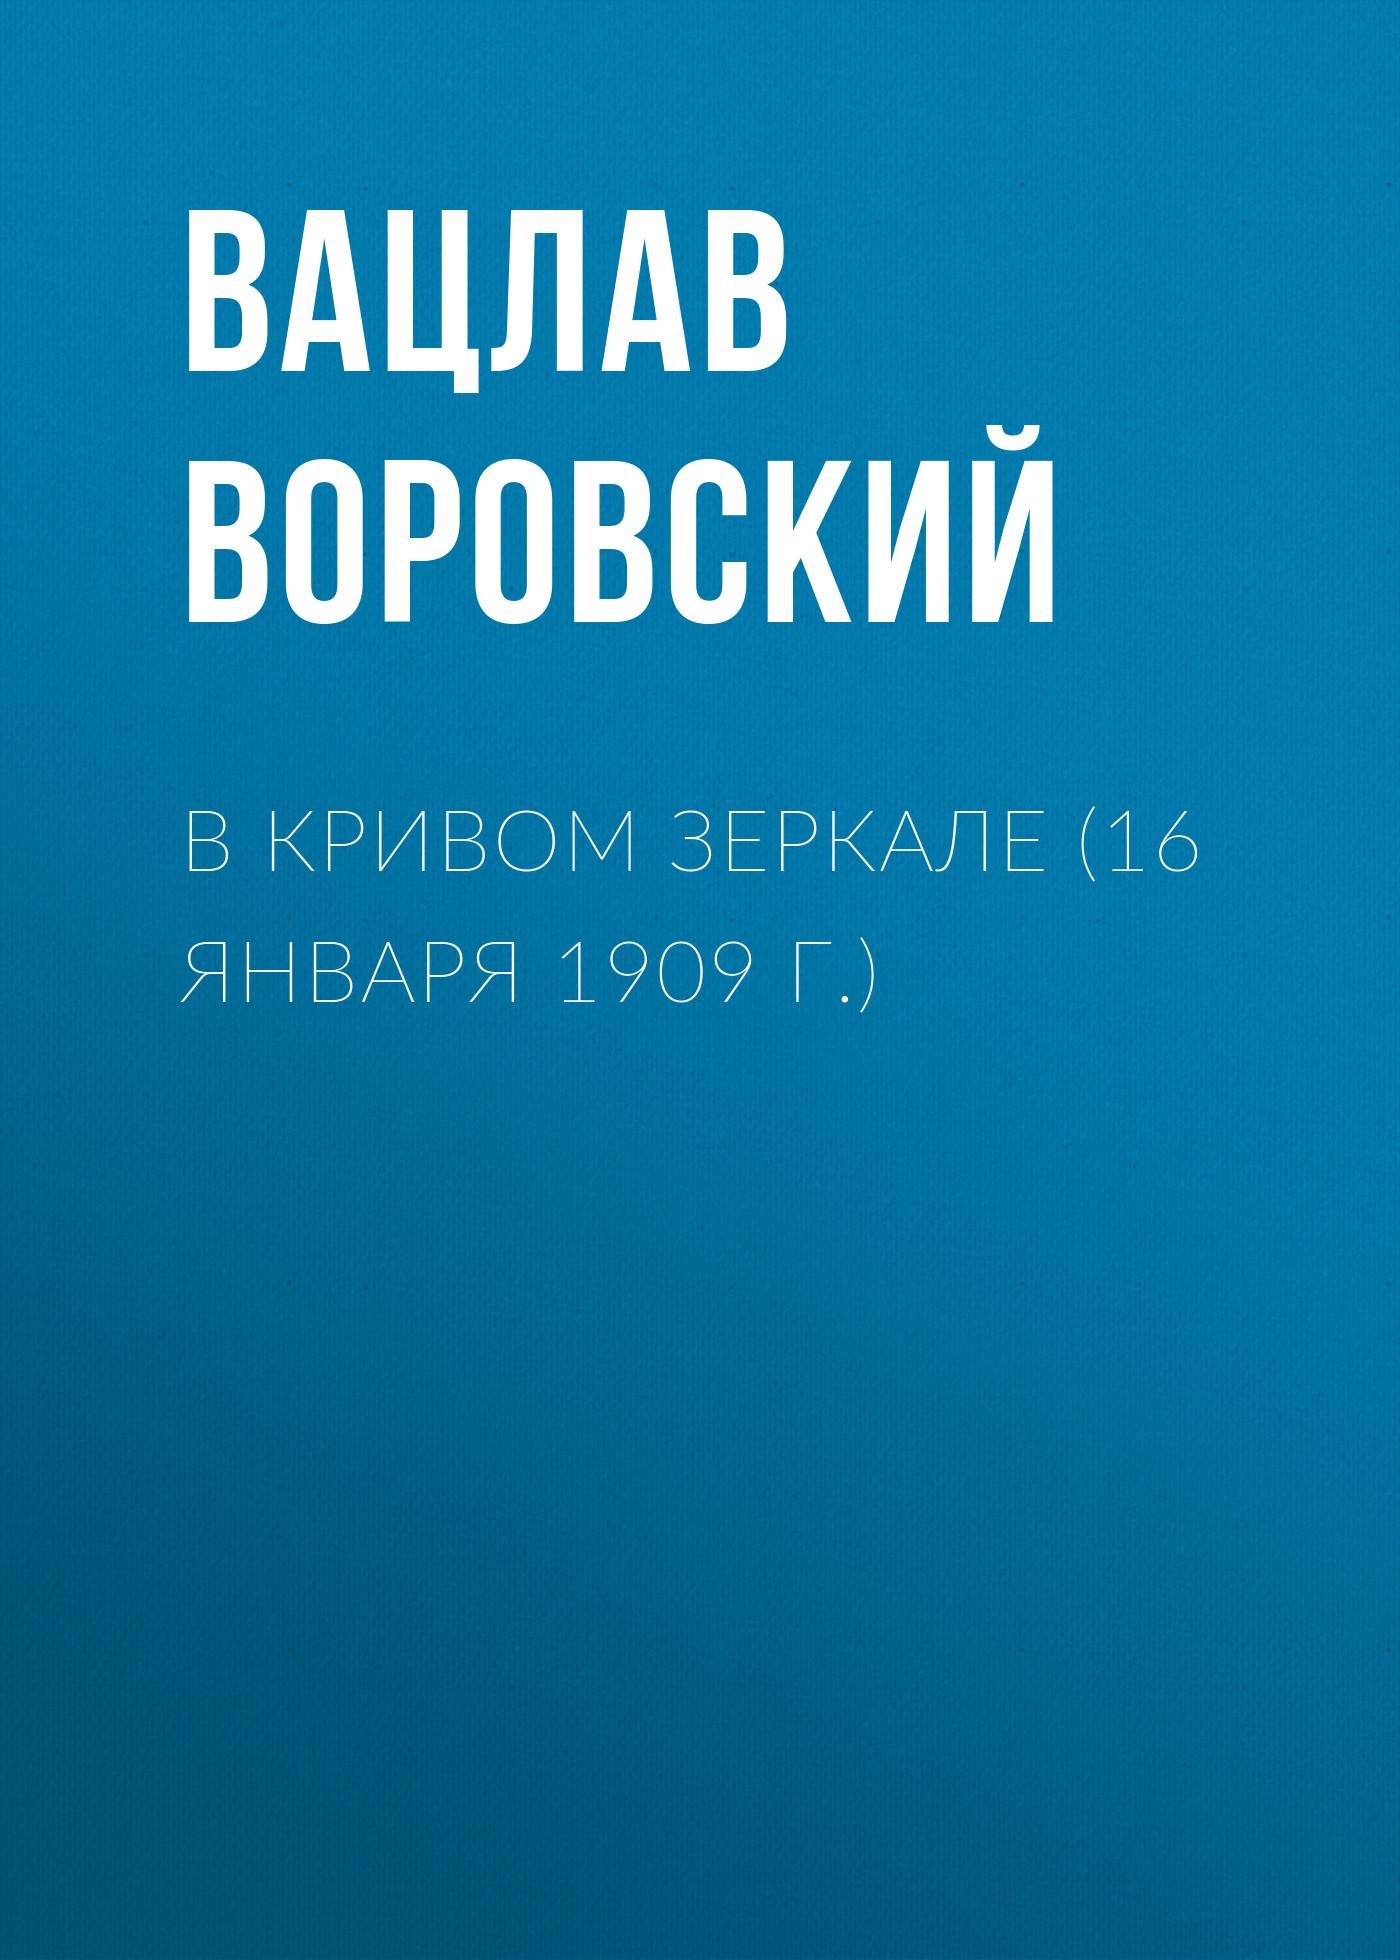 Вацлав Воровский В кривом зеркале (16 января 1909 г.) вацлав воровский мысли вслух 15 января 1910 г